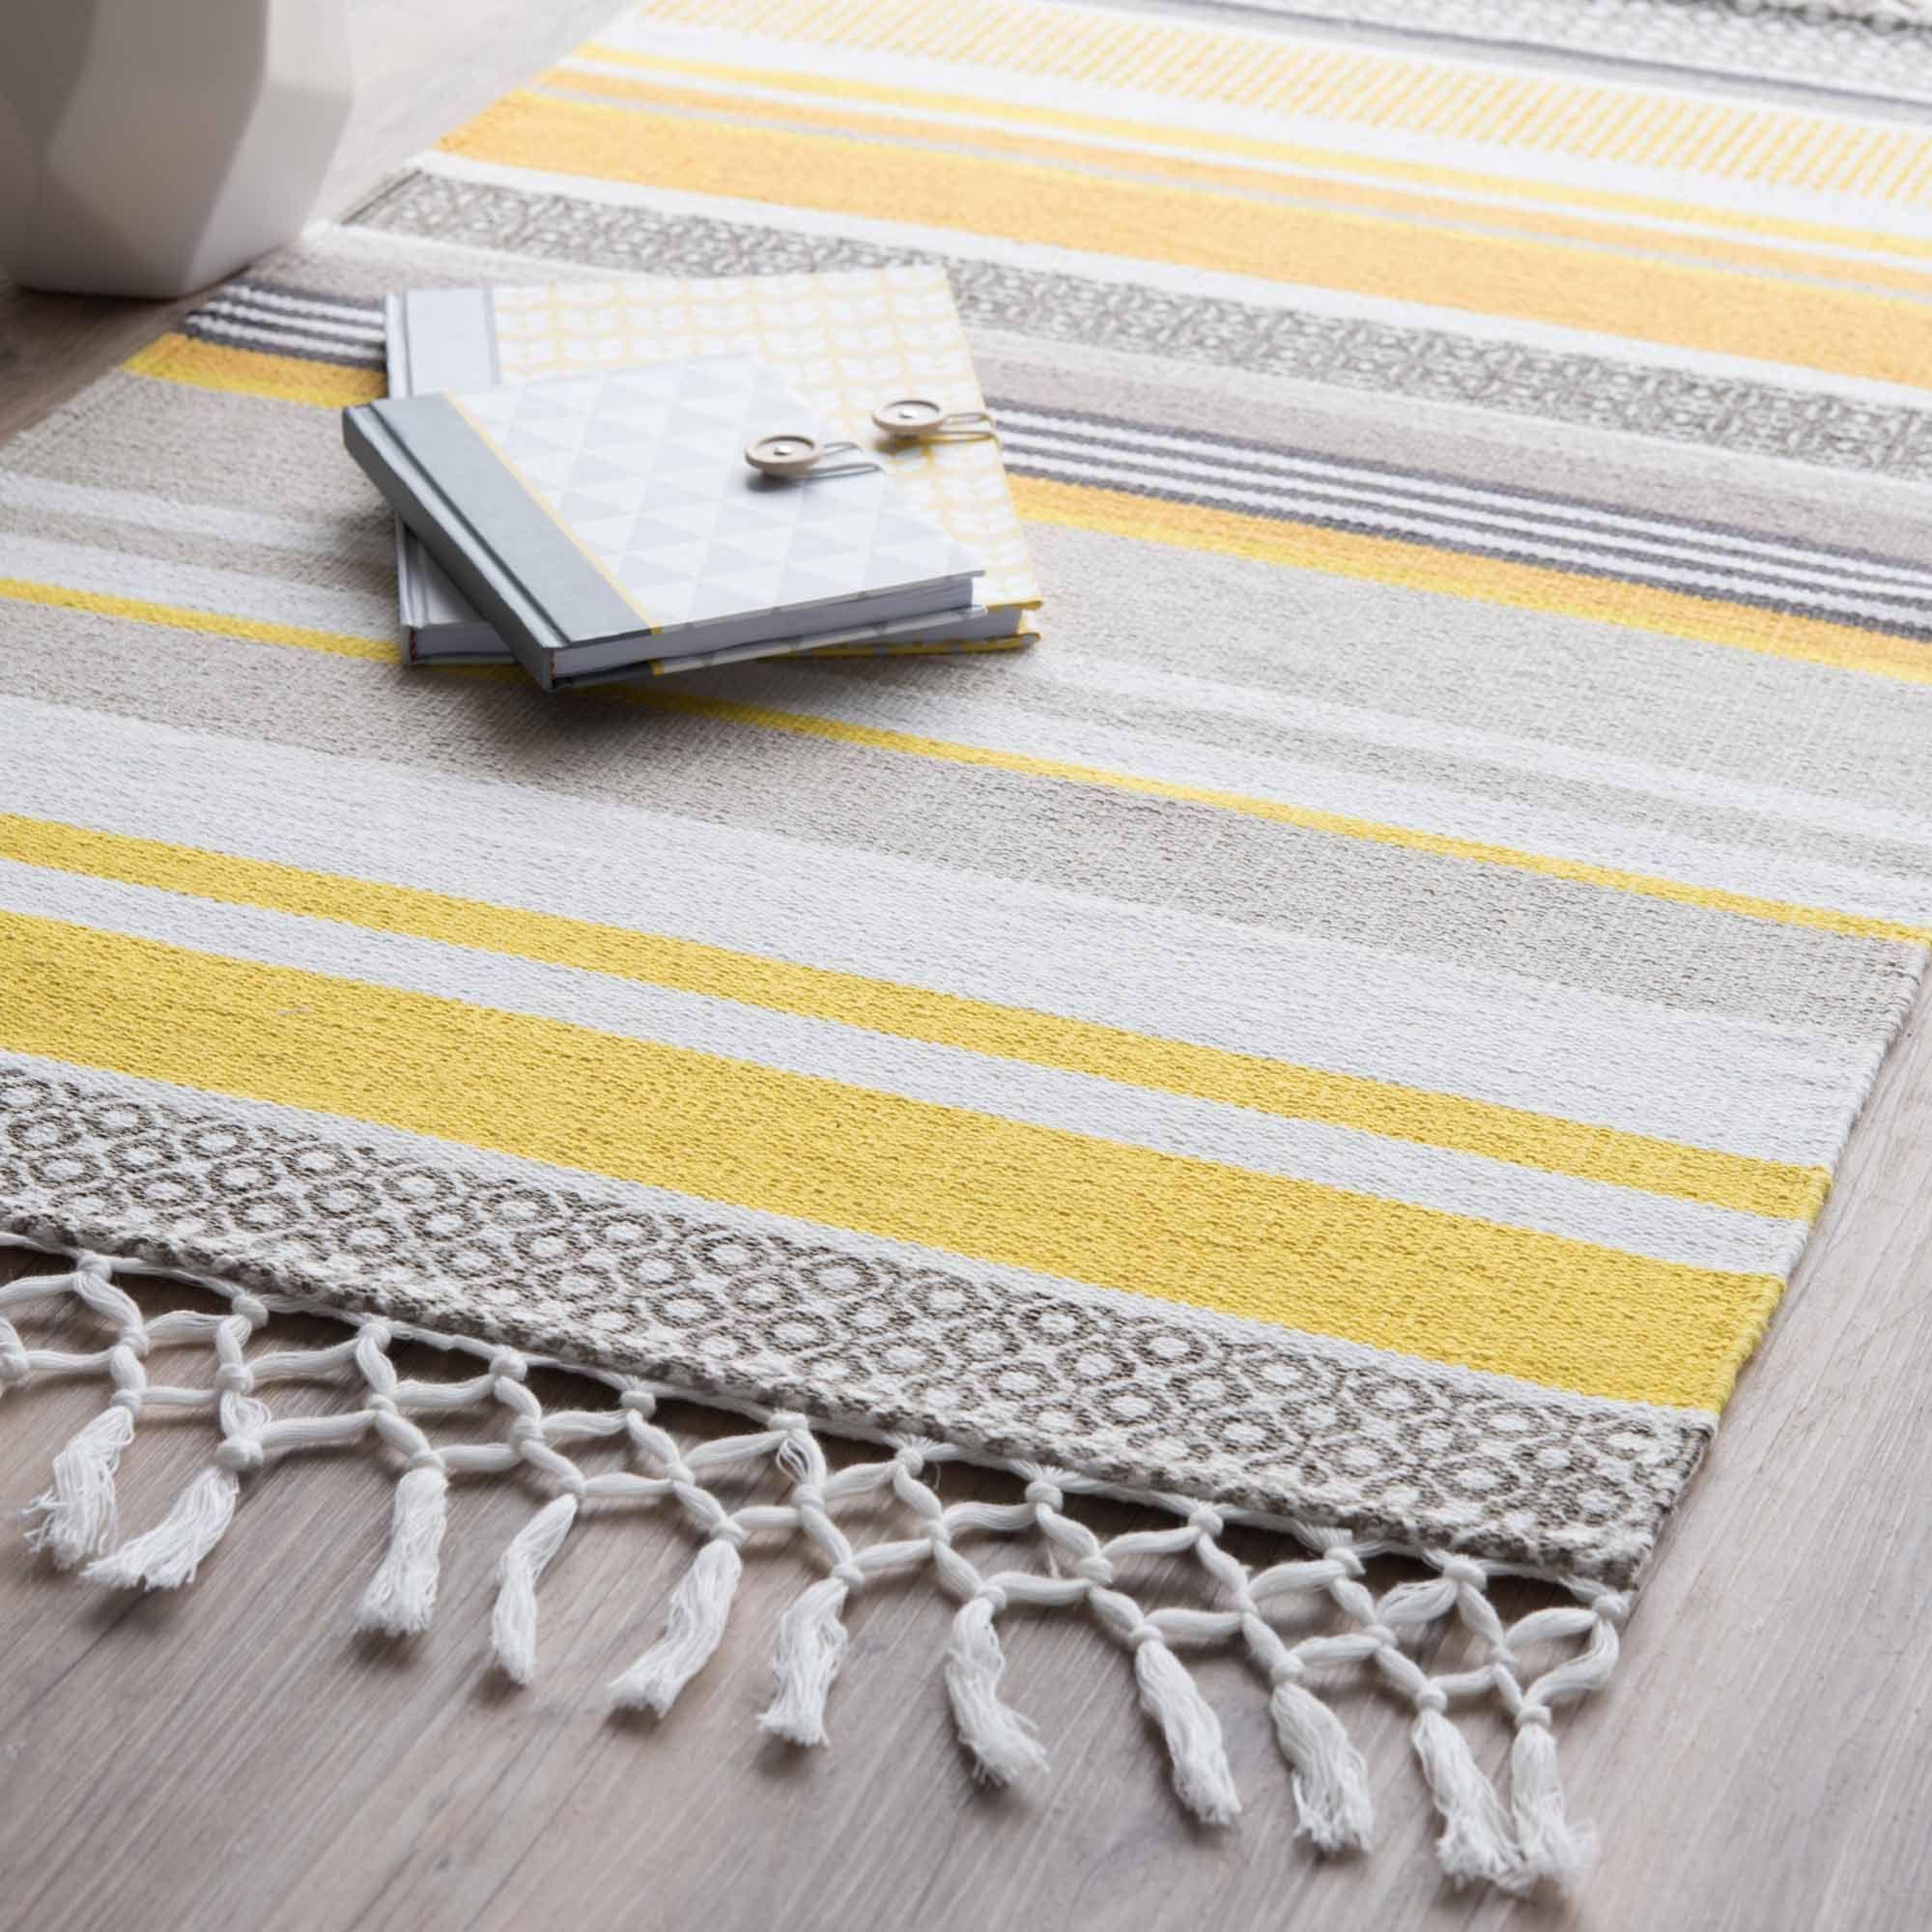 tapis ray en coton jaune gris 60 x 100 cm porto maisons. Black Bedroom Furniture Sets. Home Design Ideas